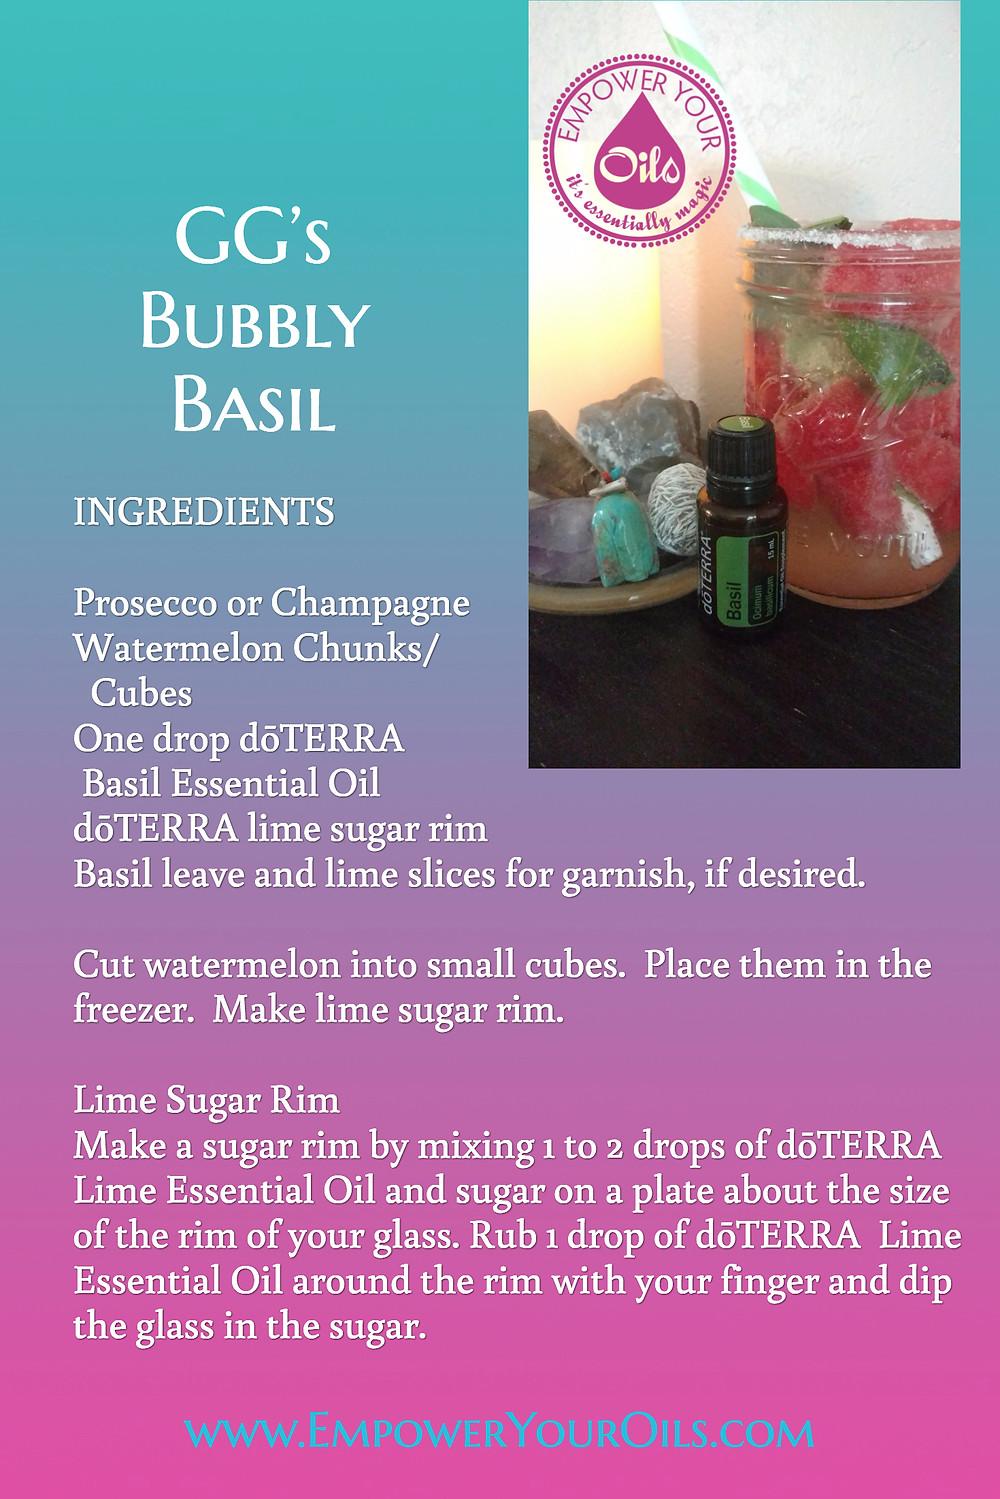 GG's Bubbly Basil